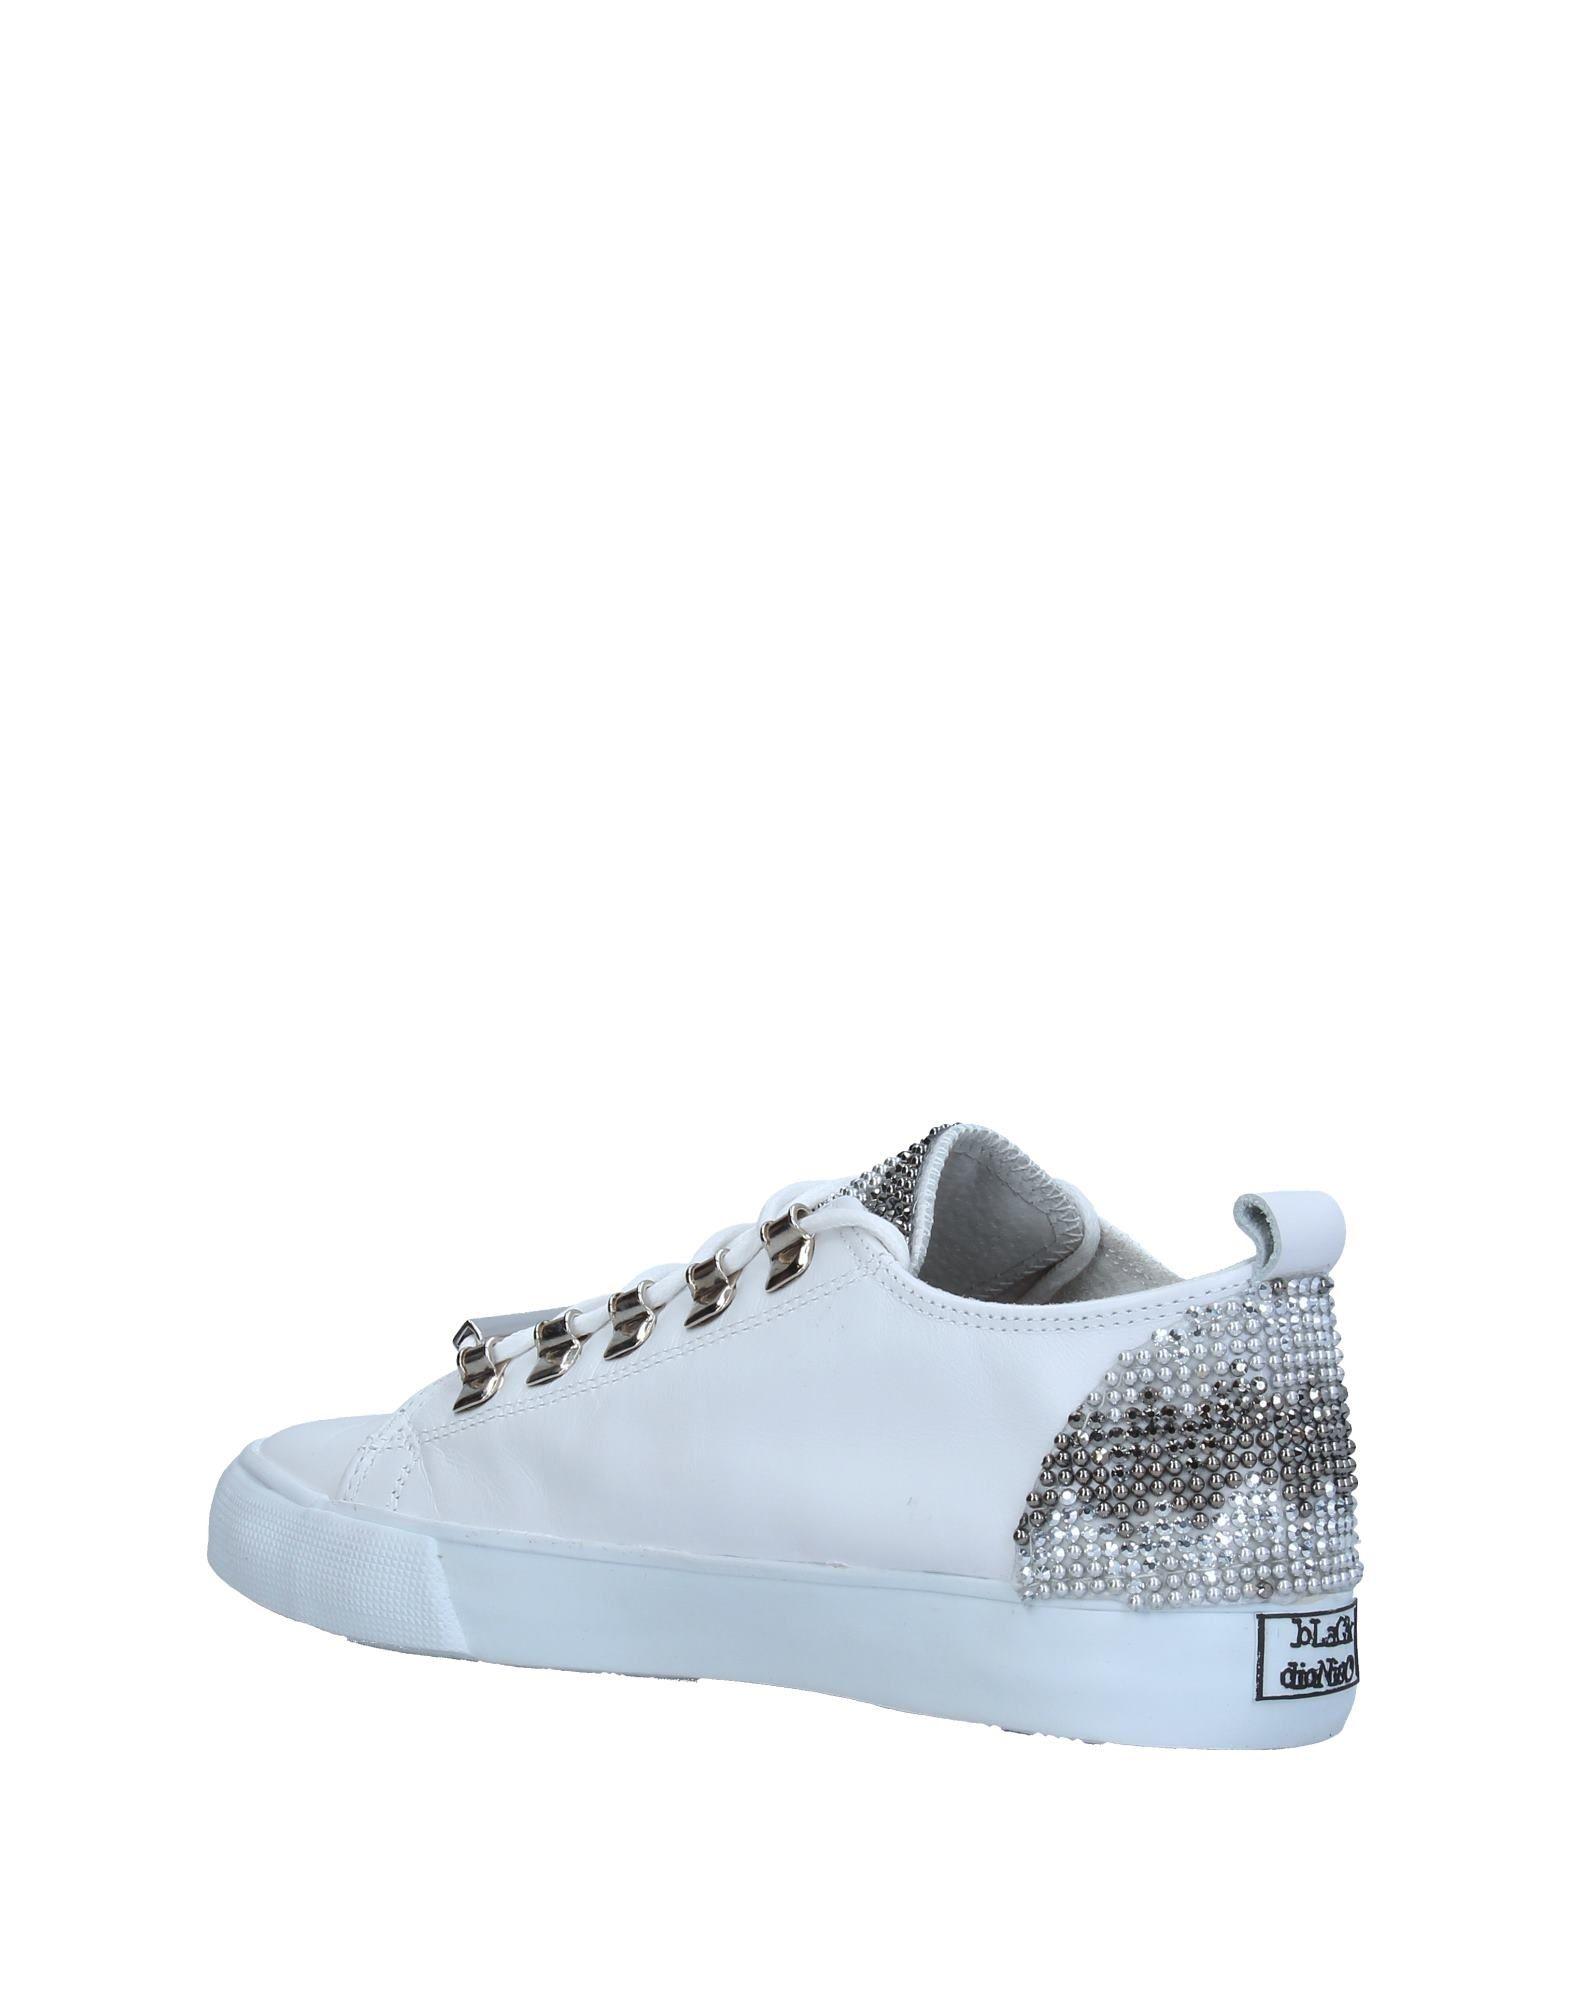 Gut um billige Schuhe  zu tragenBlack Dioniso Sneakers Damen  Schuhe 11359555KJ 268061